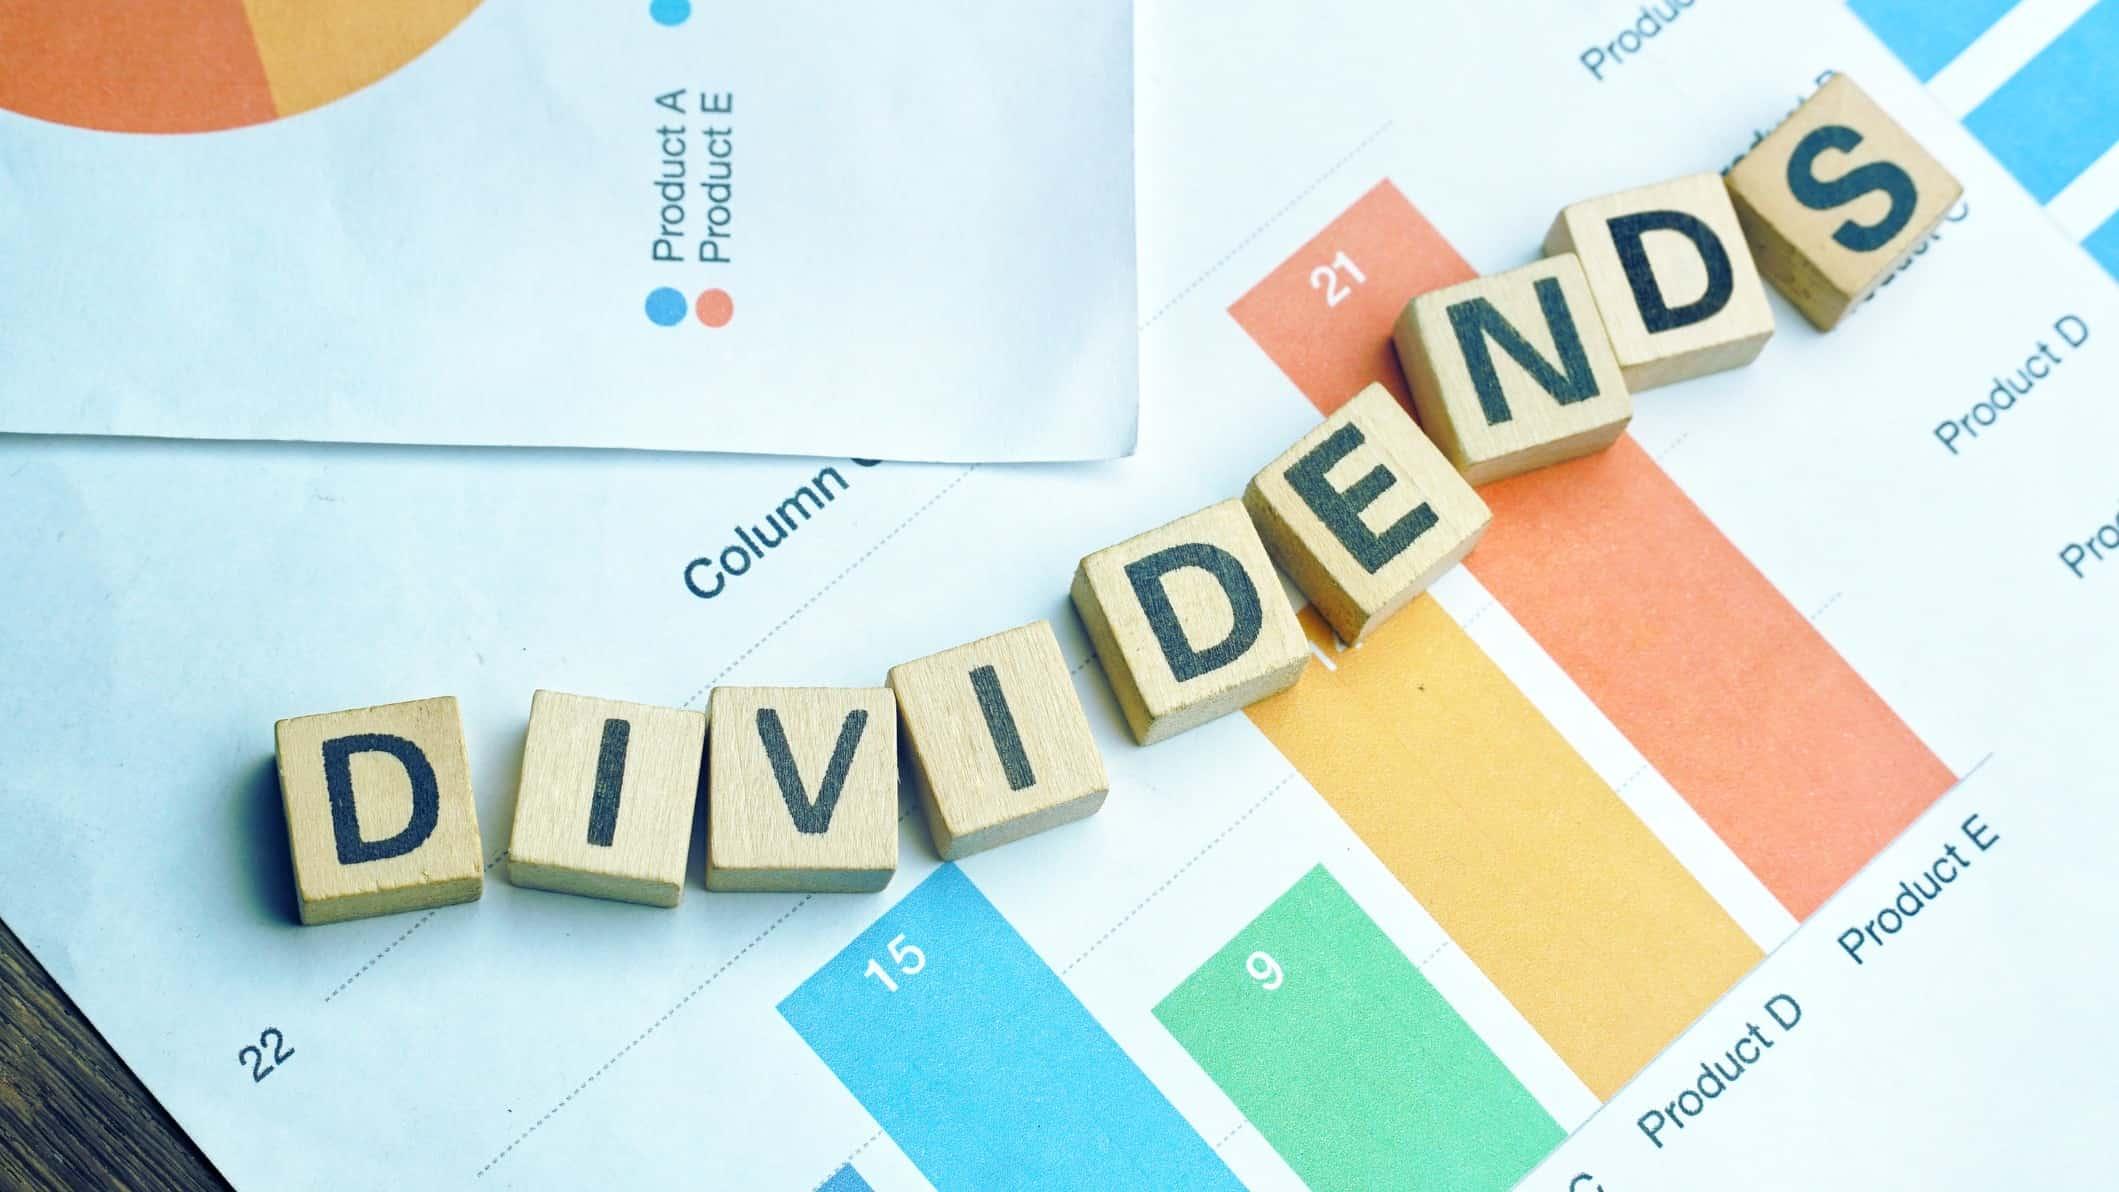 blockletters spelling dividends